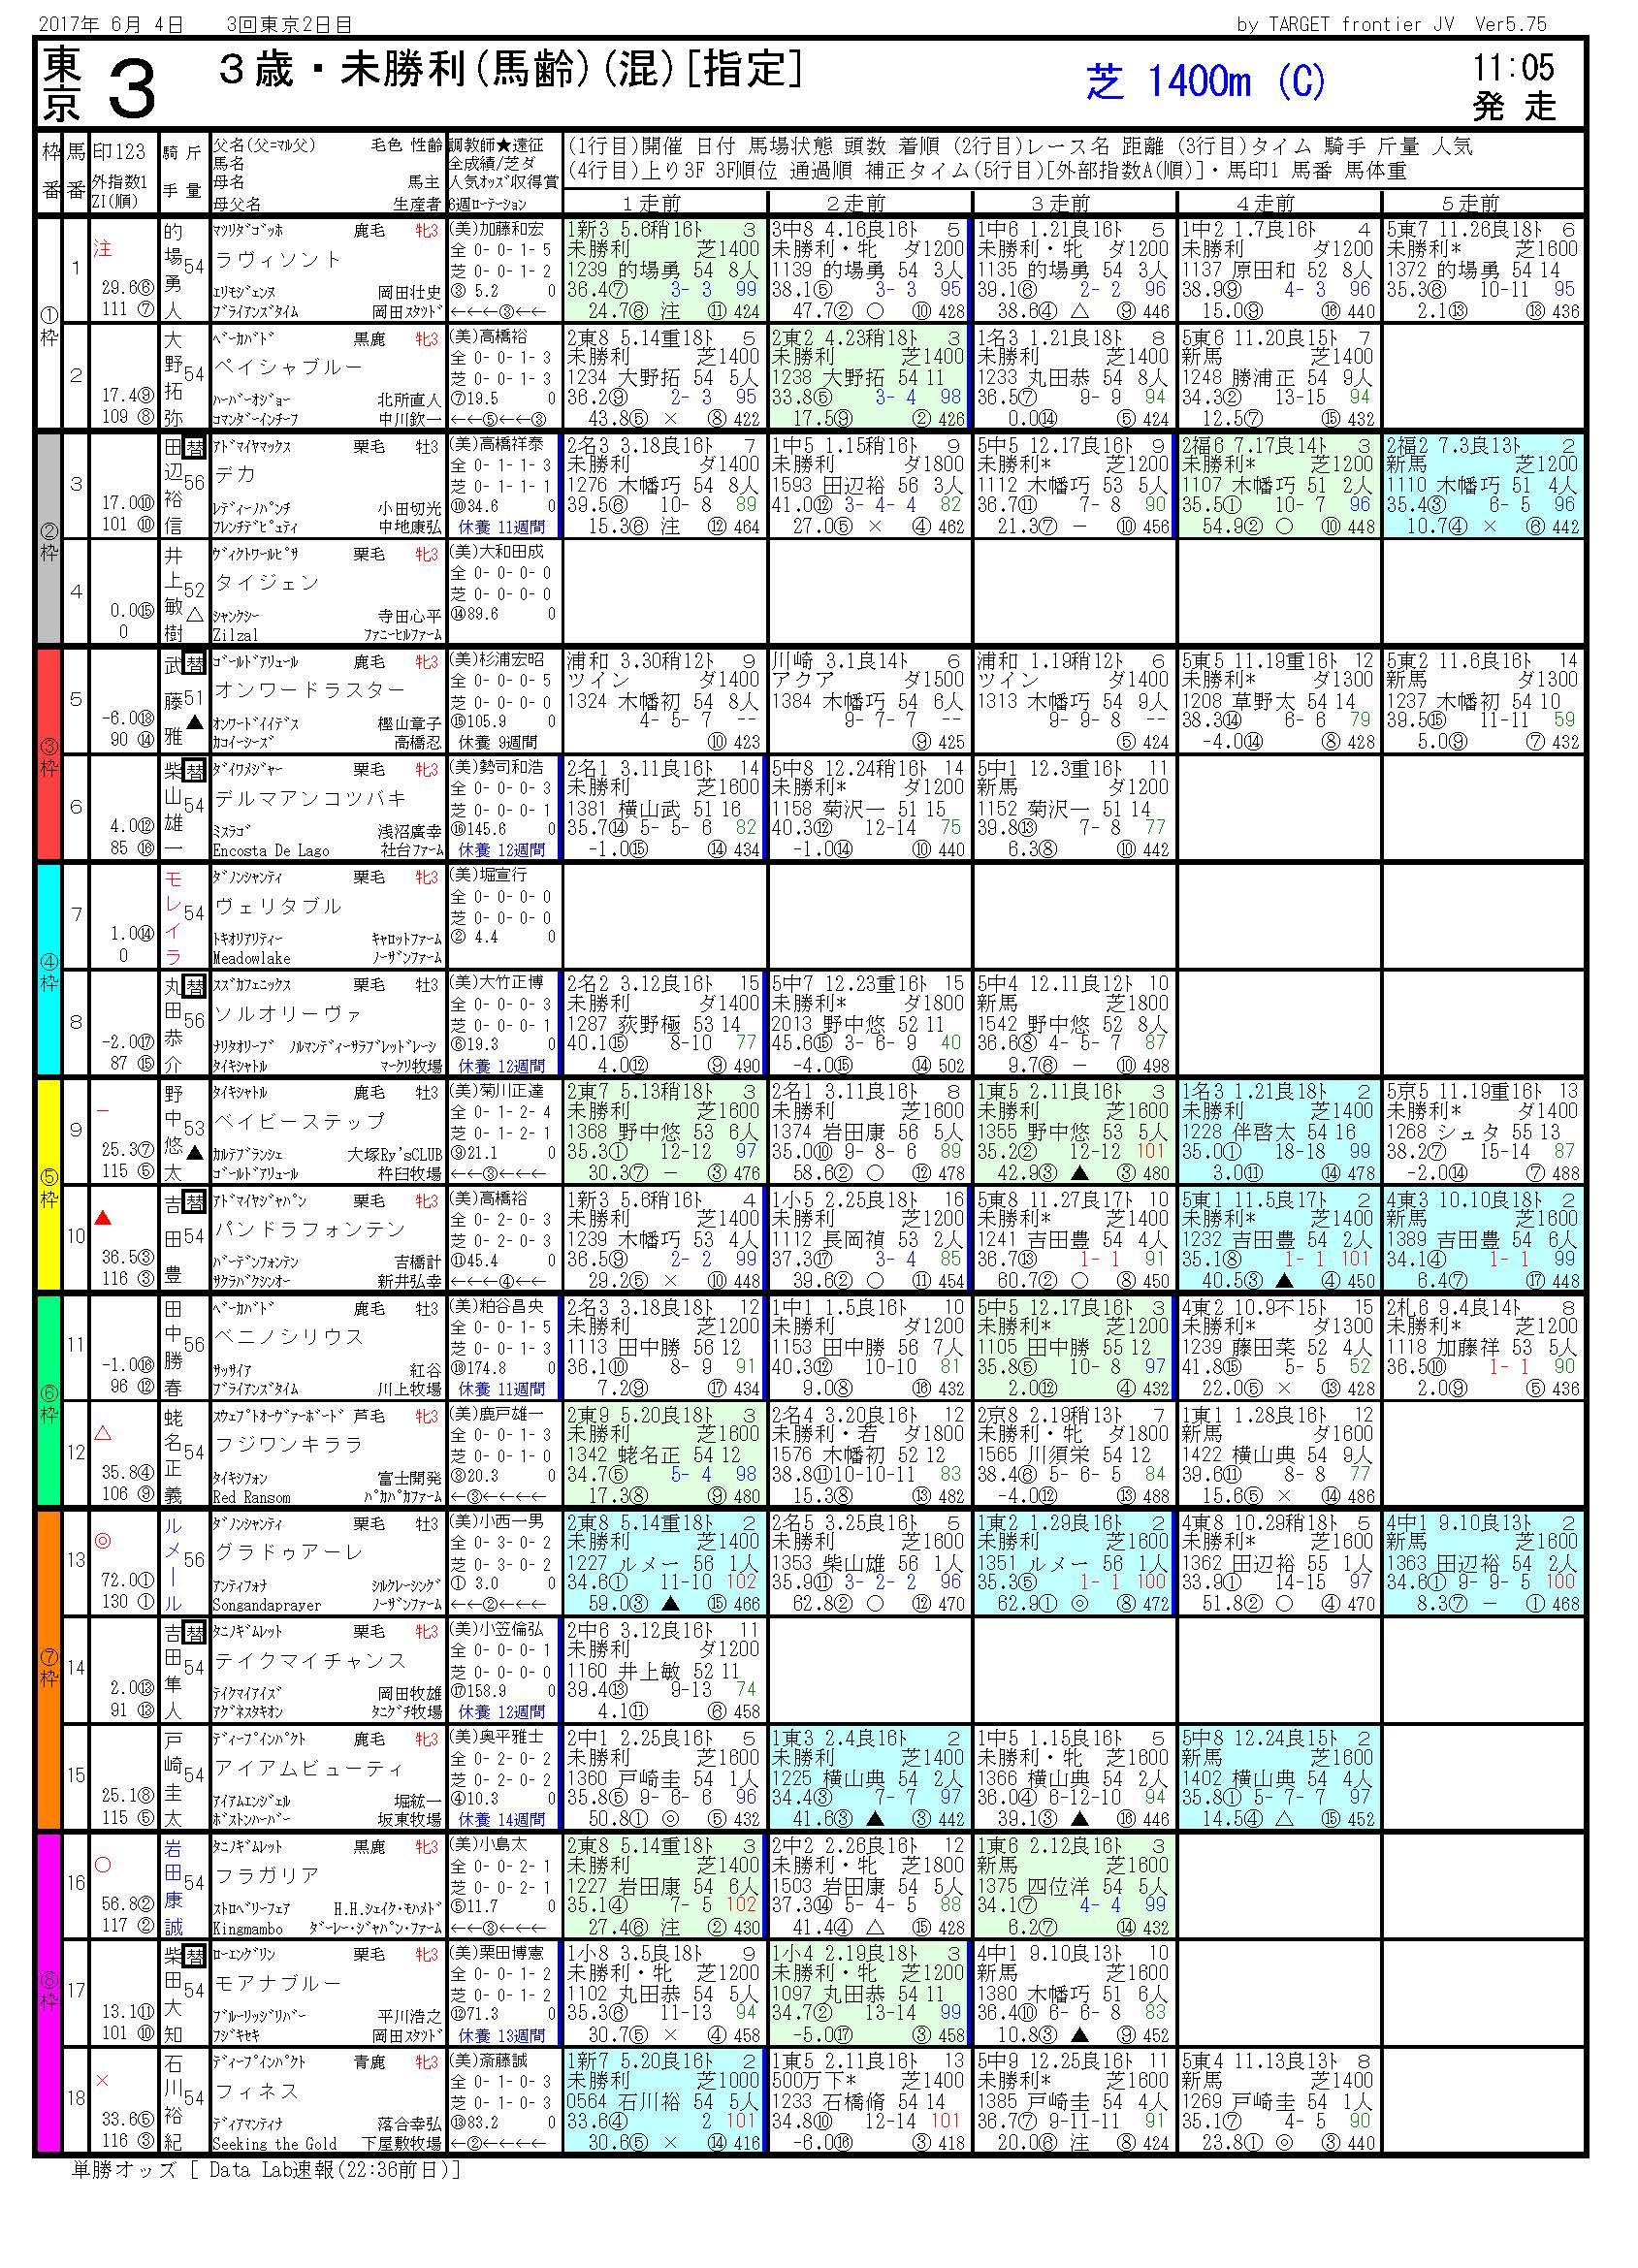 2017/06/04 東京03R 3歳未勝利 電脳競馬新聞 3連単293,500円的中!!